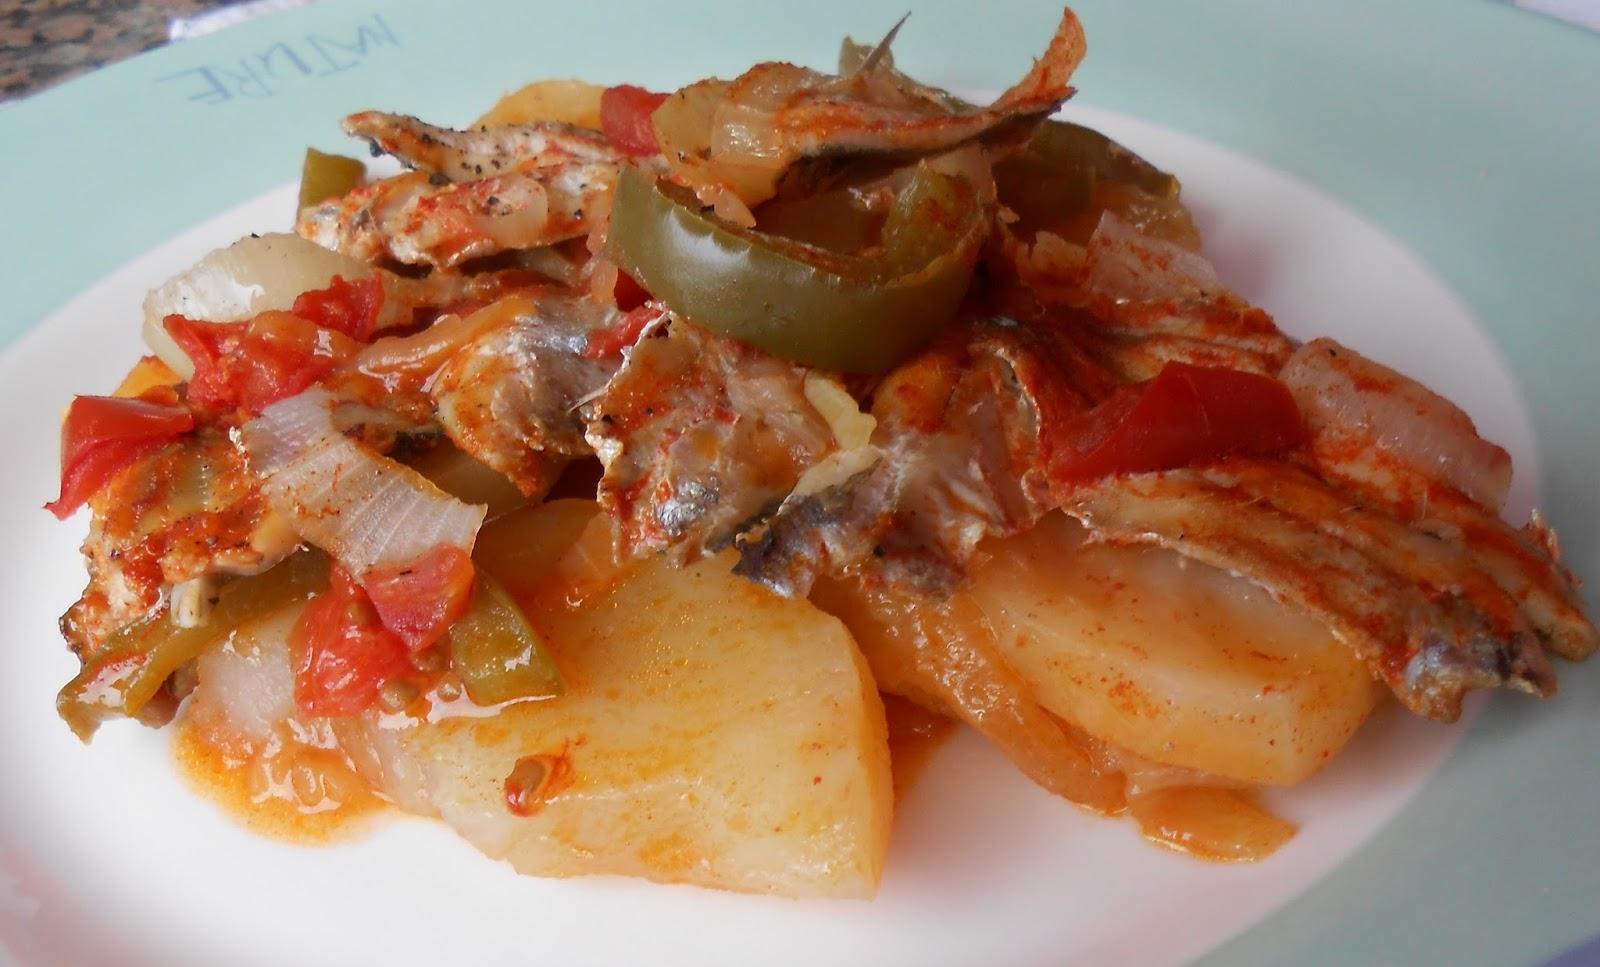 Cocina mami caldeirada de sardinas for Cocinar xoubas